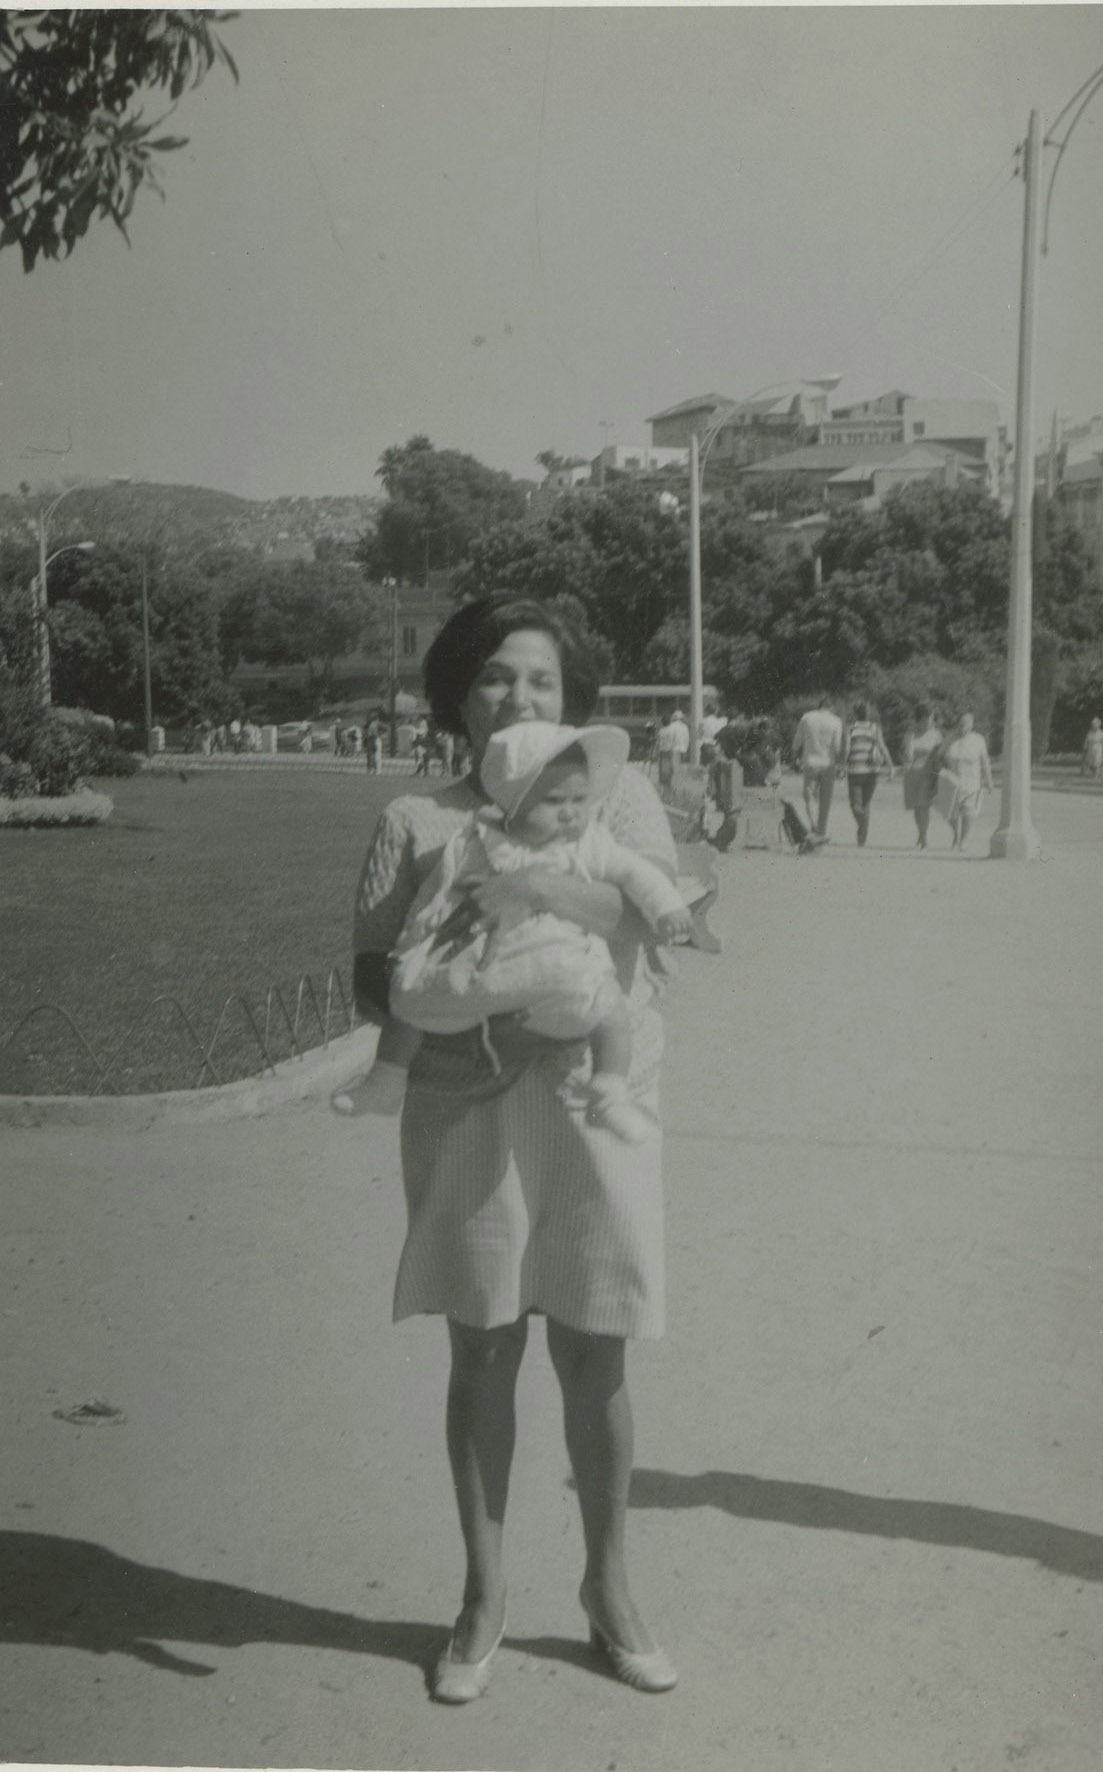 Enterreno - Fotos históricas de chile - fotos antiguas de Chile - Viña del Mar en 1969